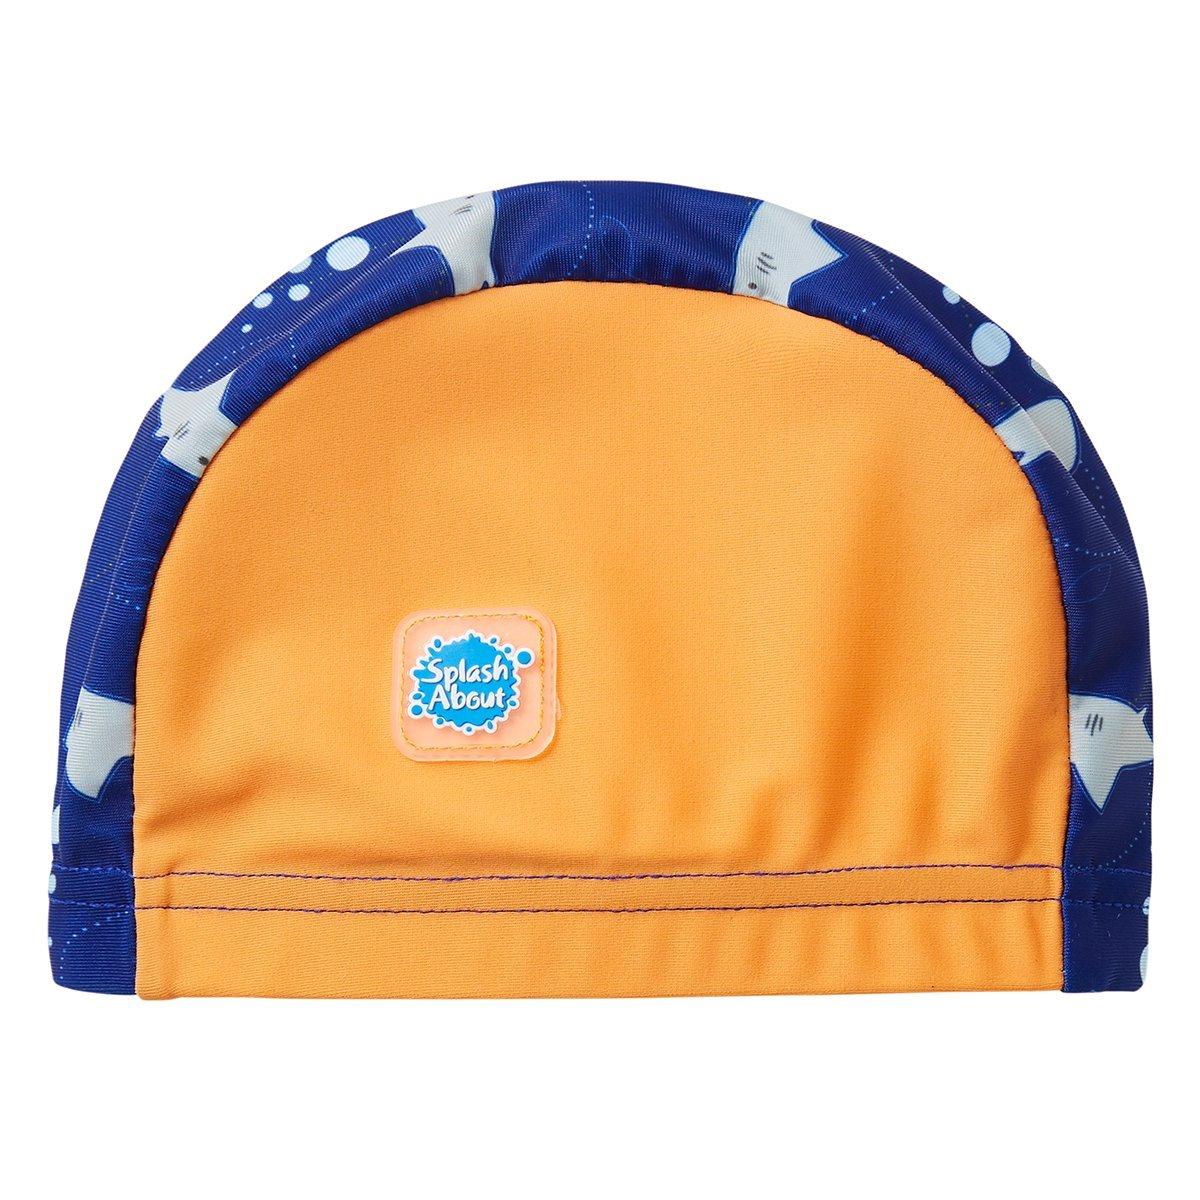 Splash About Bonnet de Bain pour Béb Eacute Requin Orange  Amazon.fr   Sports et Loisirs c2ac0cbc9e2